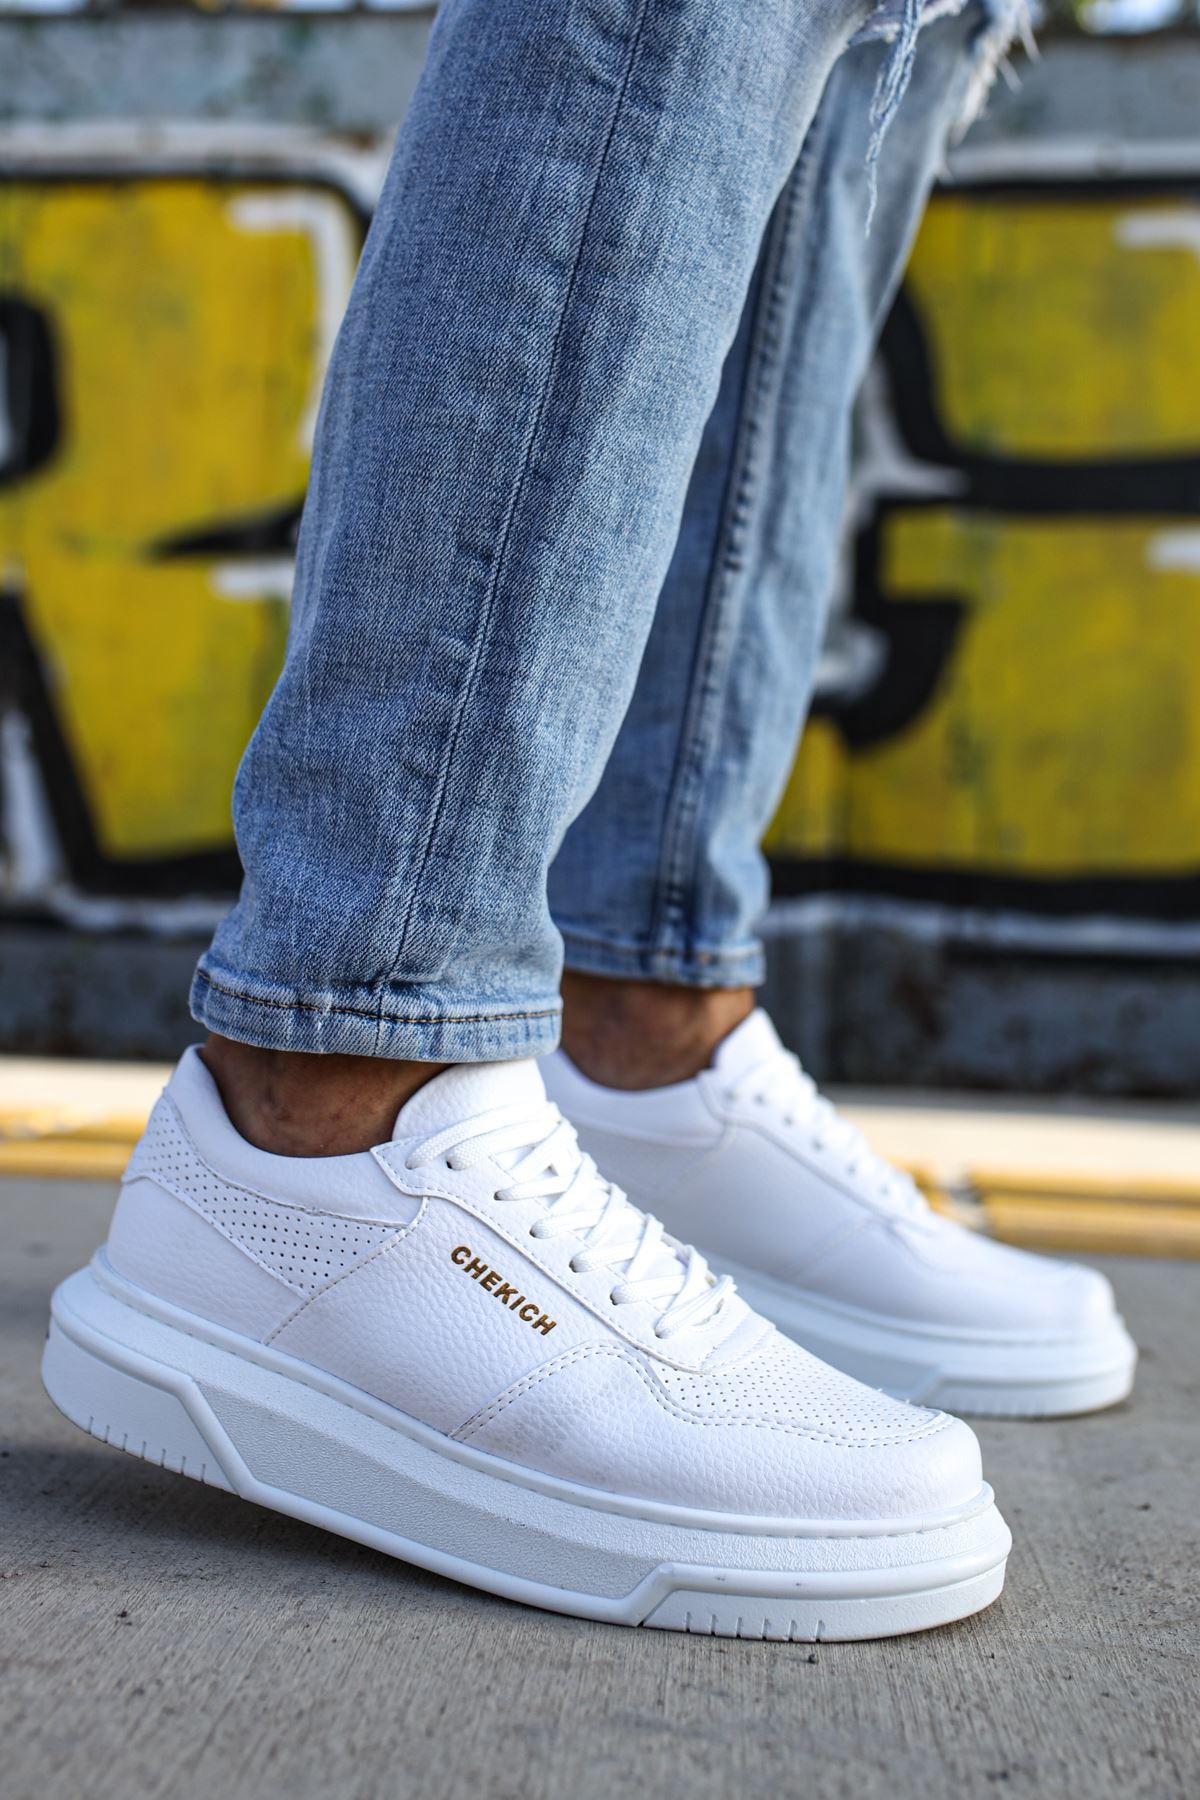 Chekich CH075 Beyaz Taban Erkek Ayakkabı BEYAZ